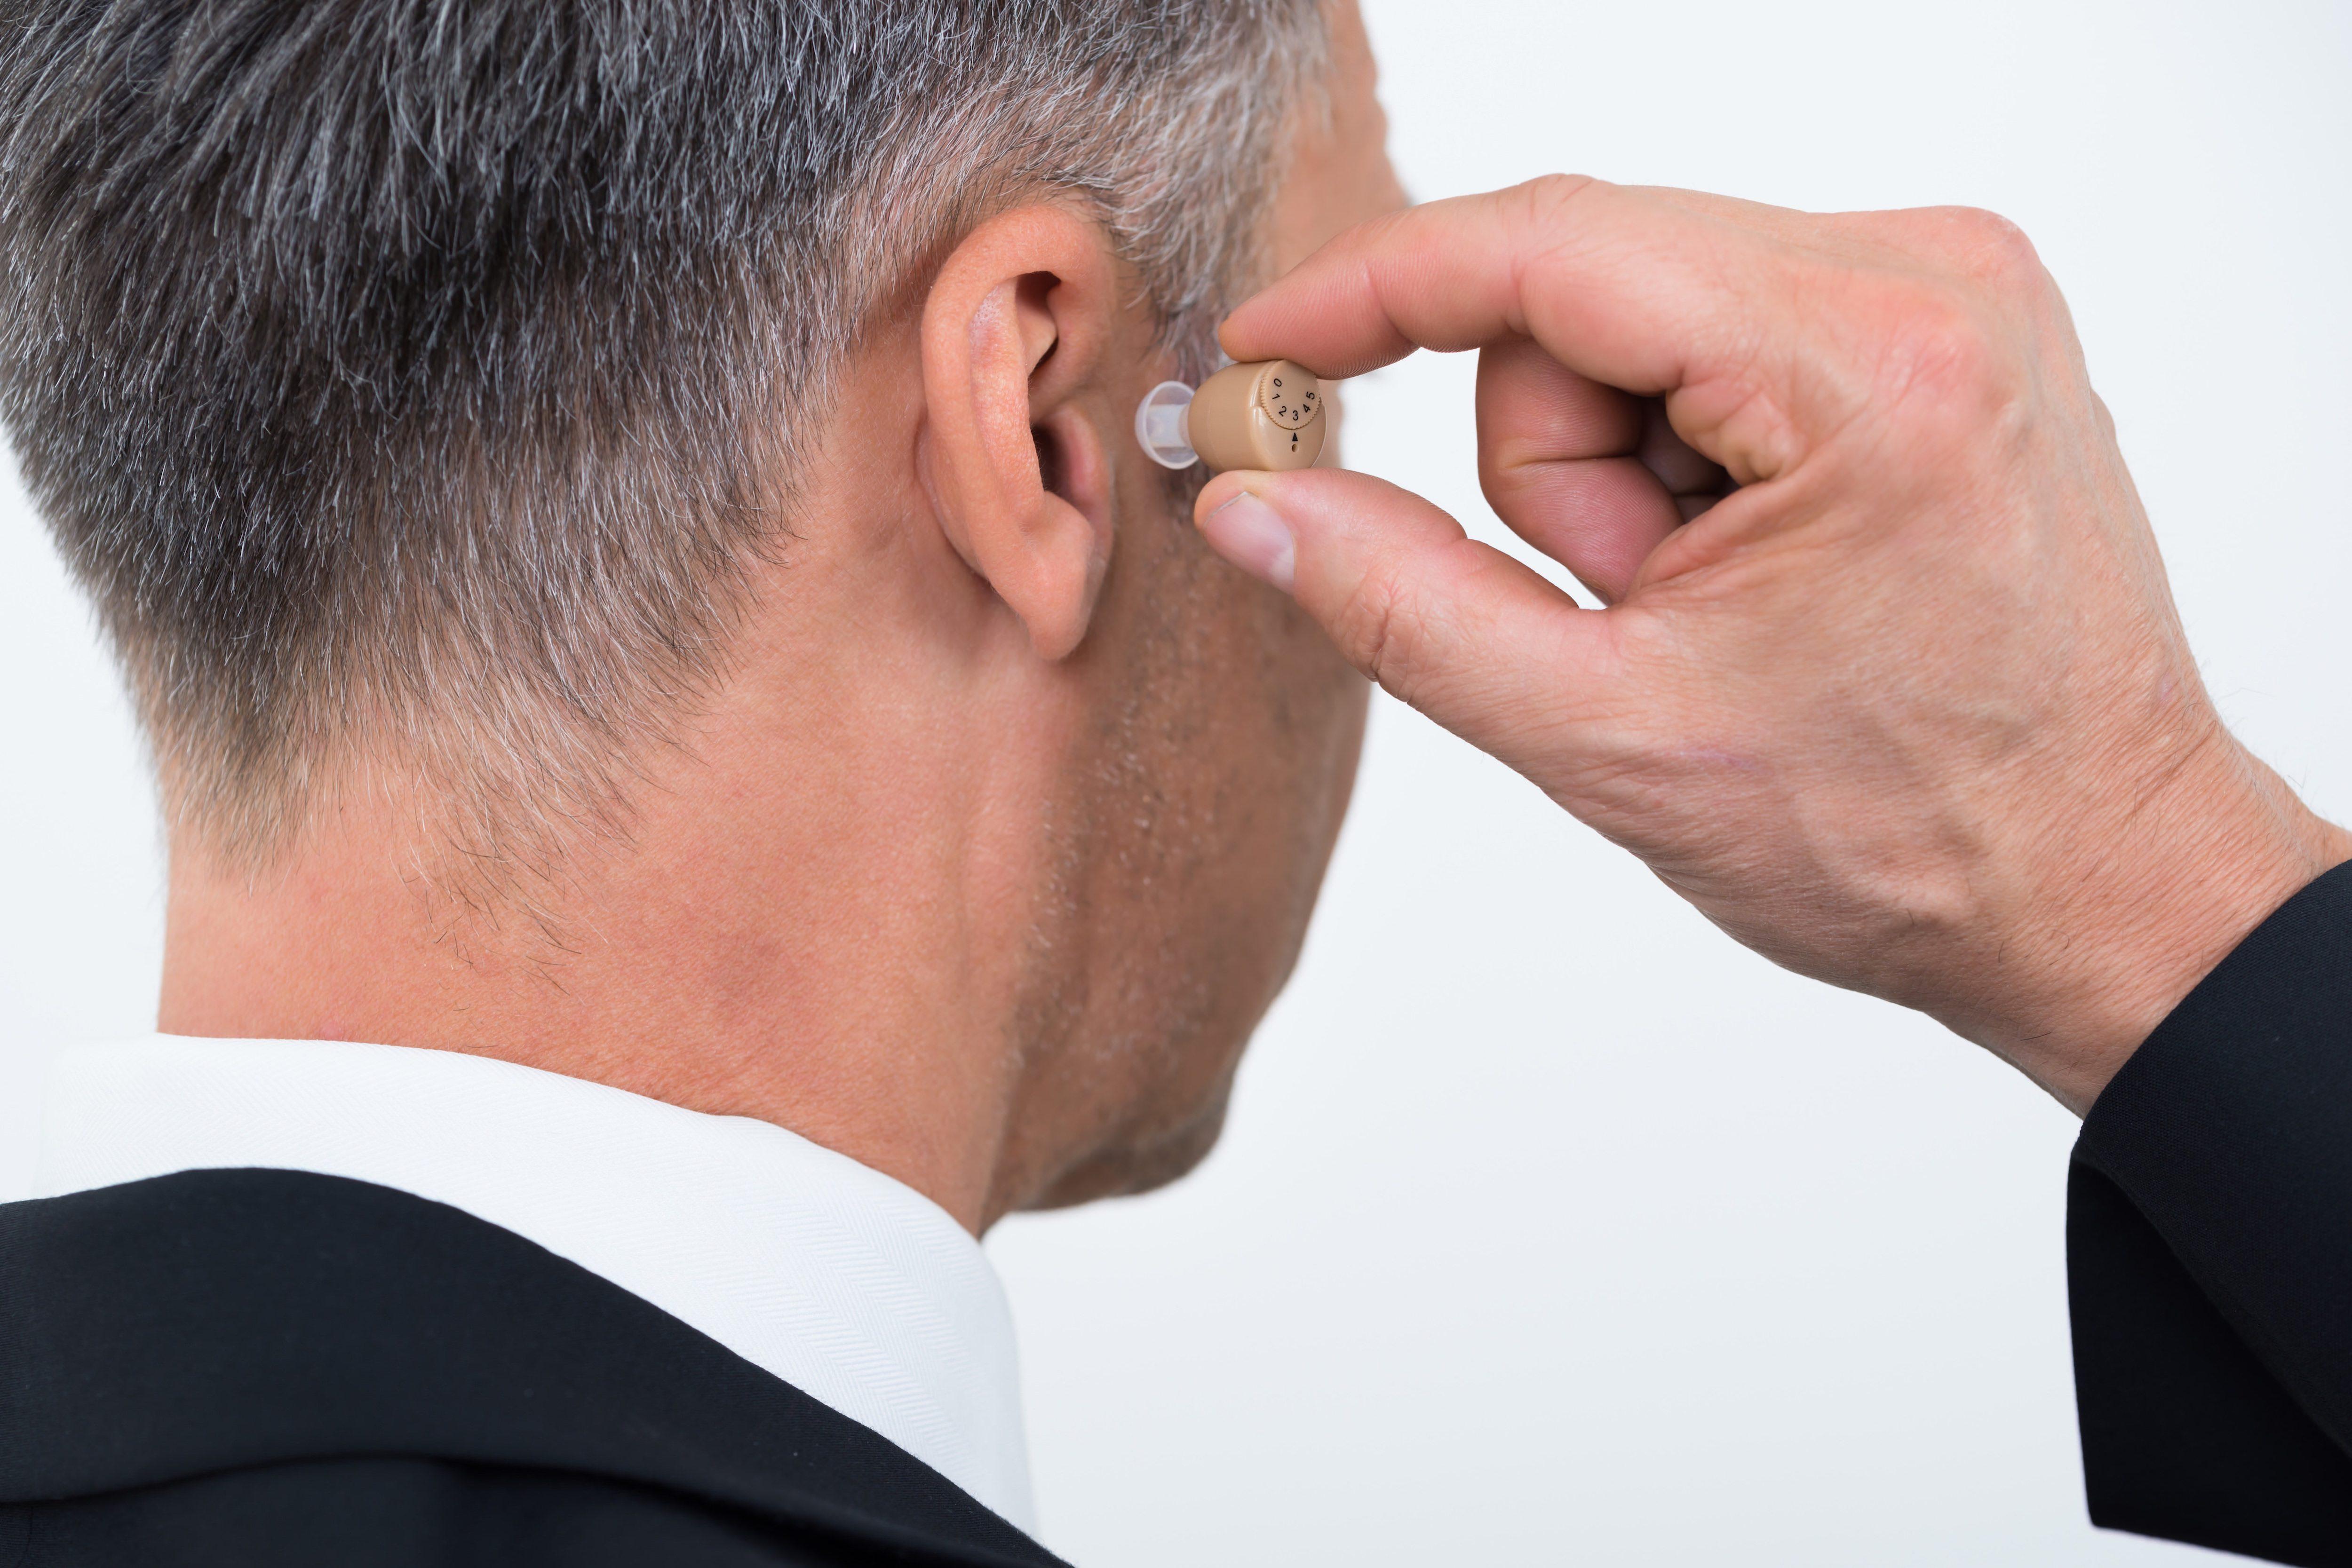 補聴器・聴覚障害者